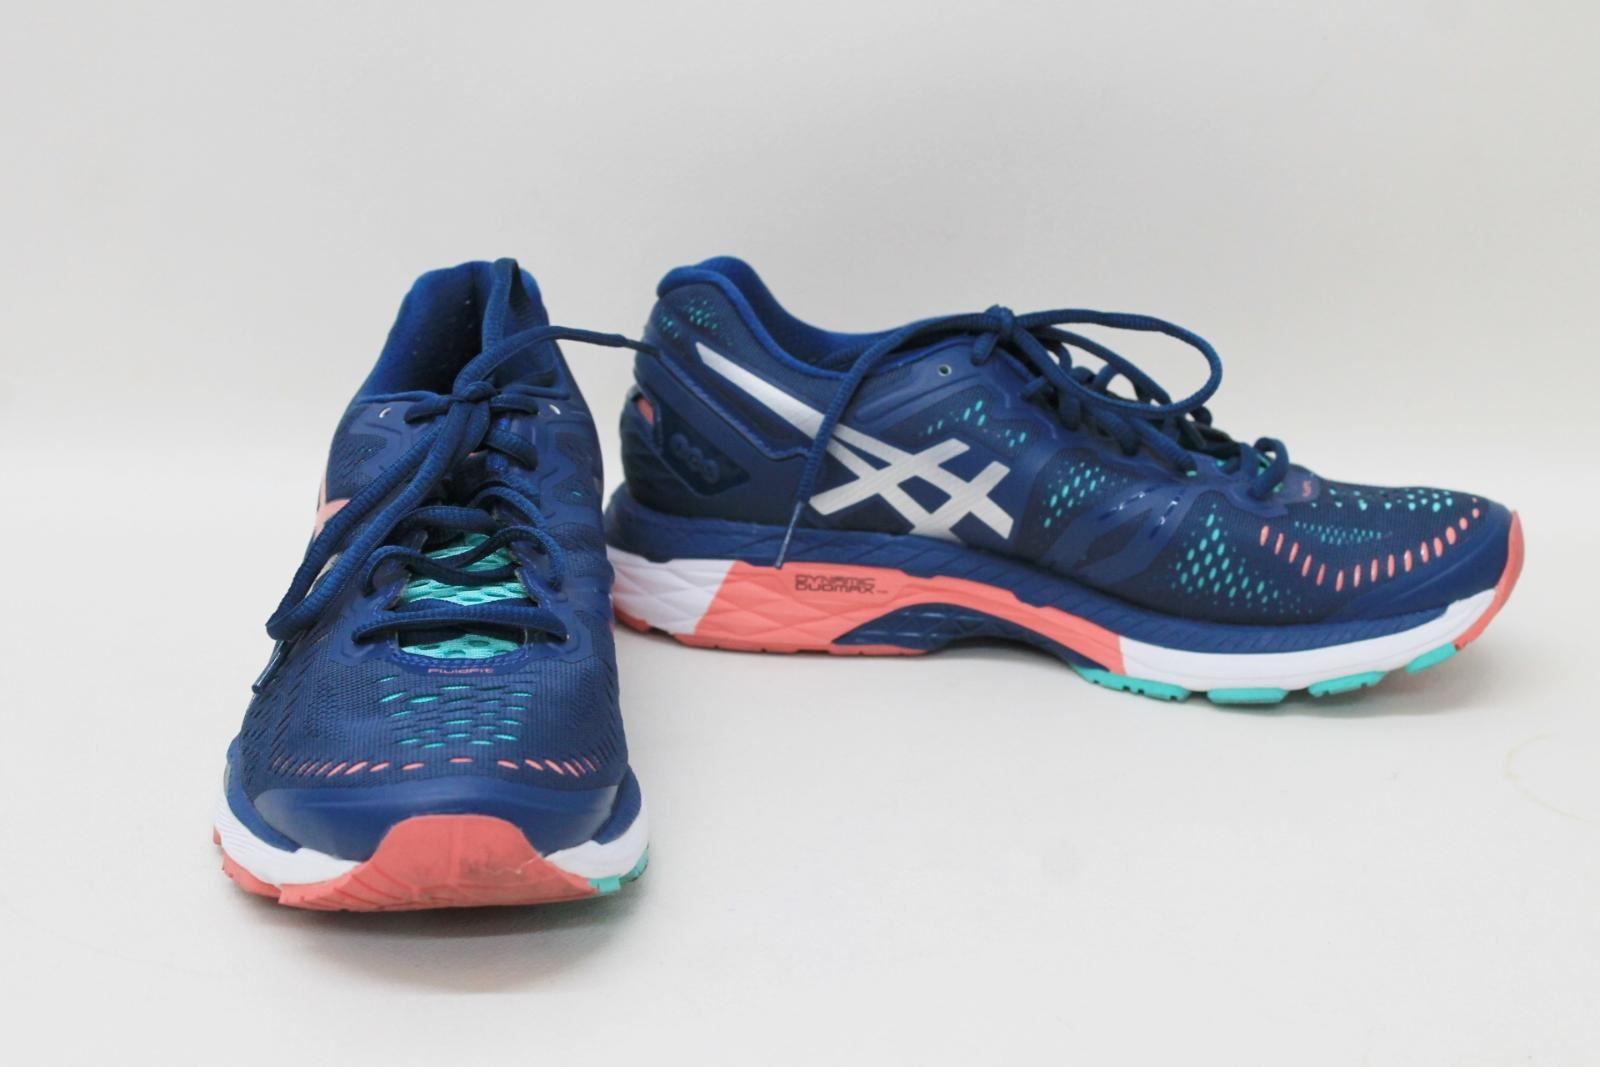 Fluid Eu40 deporte de Fit cordones azul Uk7 rosa Zapatillas para damas Asics y tamaño con marino q4FHwSp6X